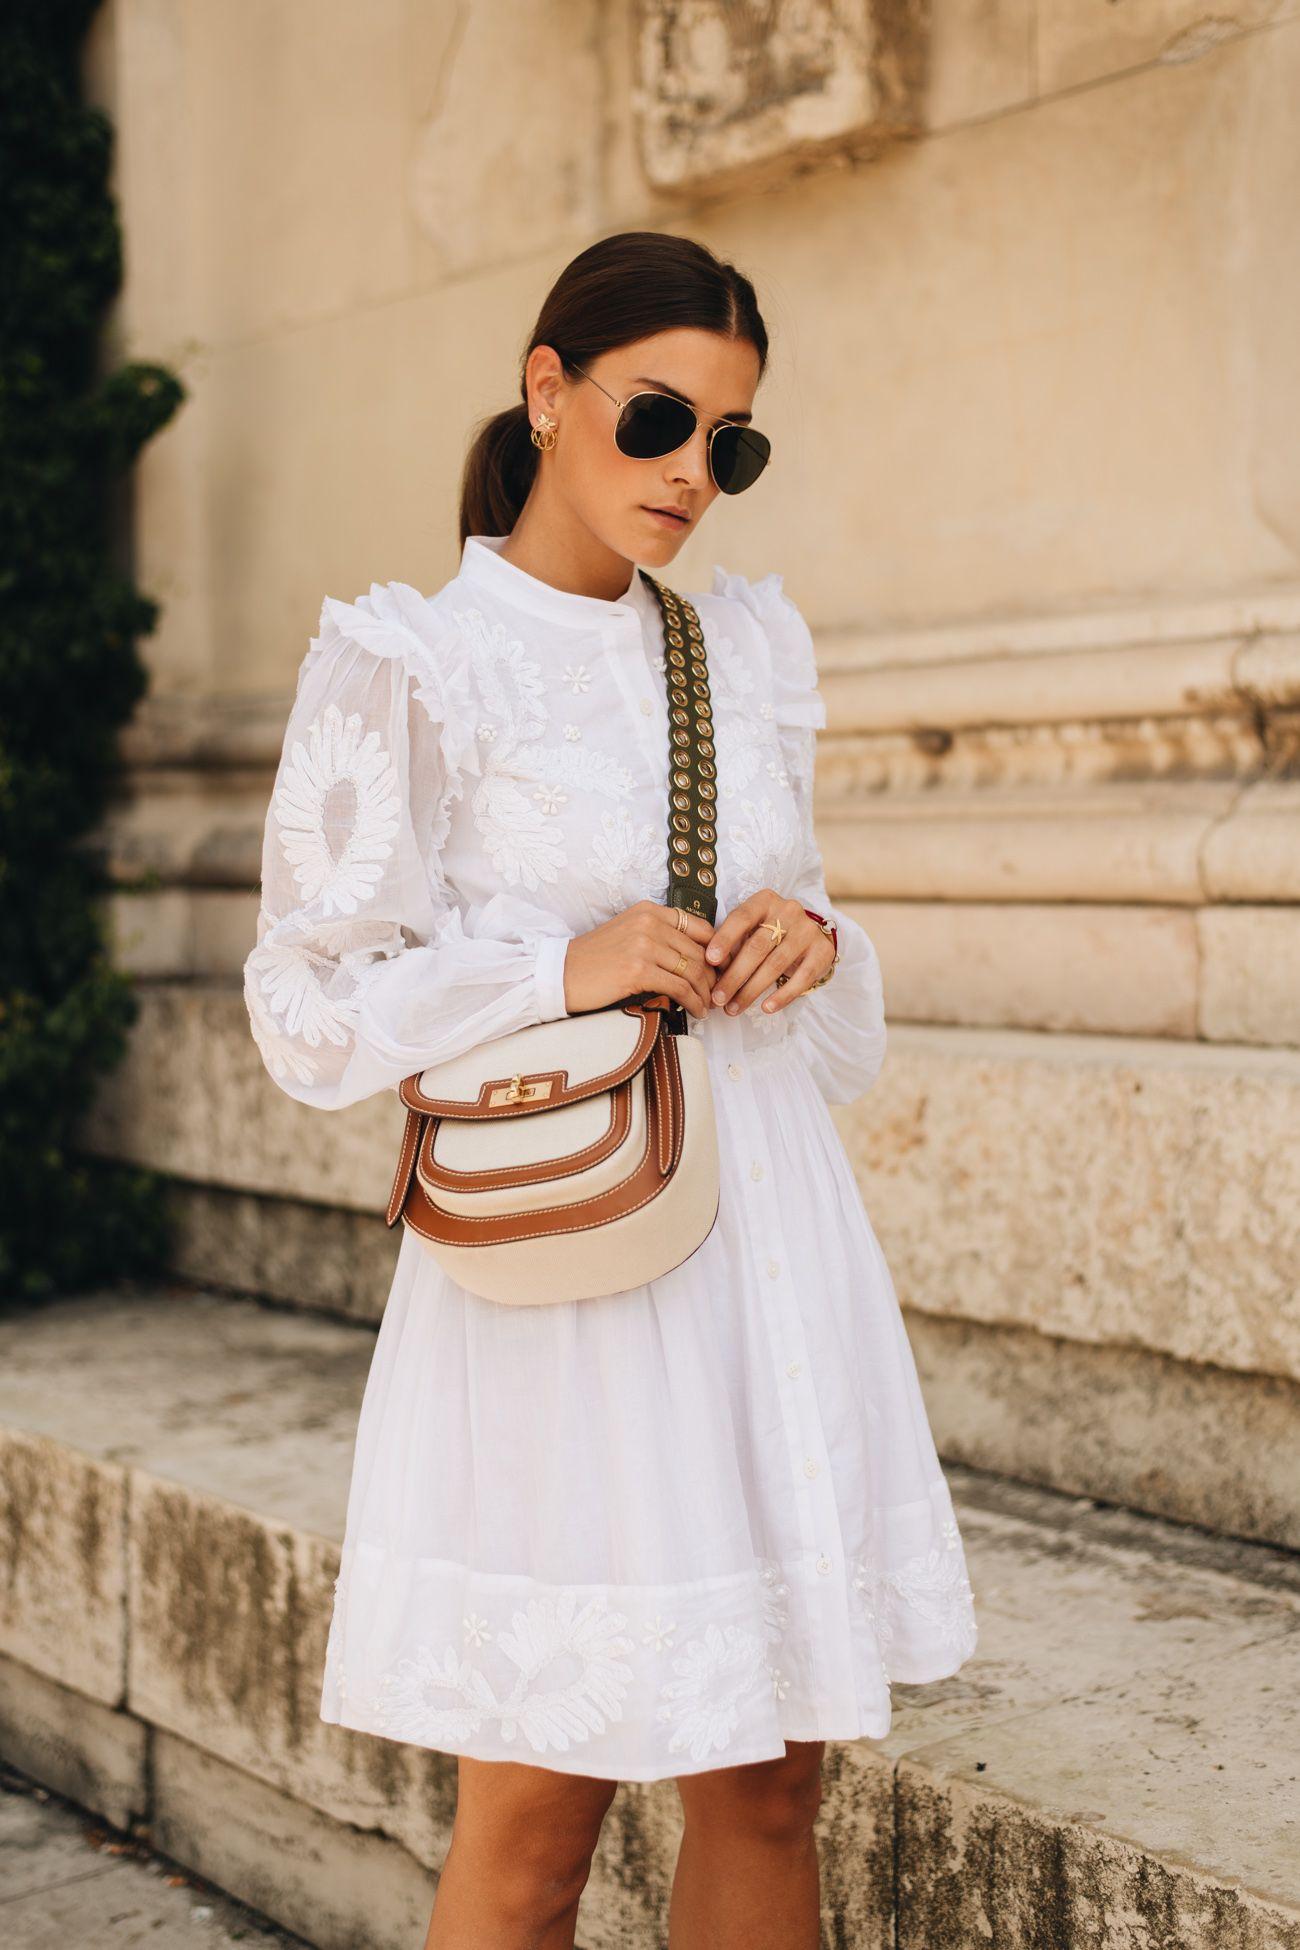 hemdkleid aus baumwolle mit stickereien | outfit, modestil